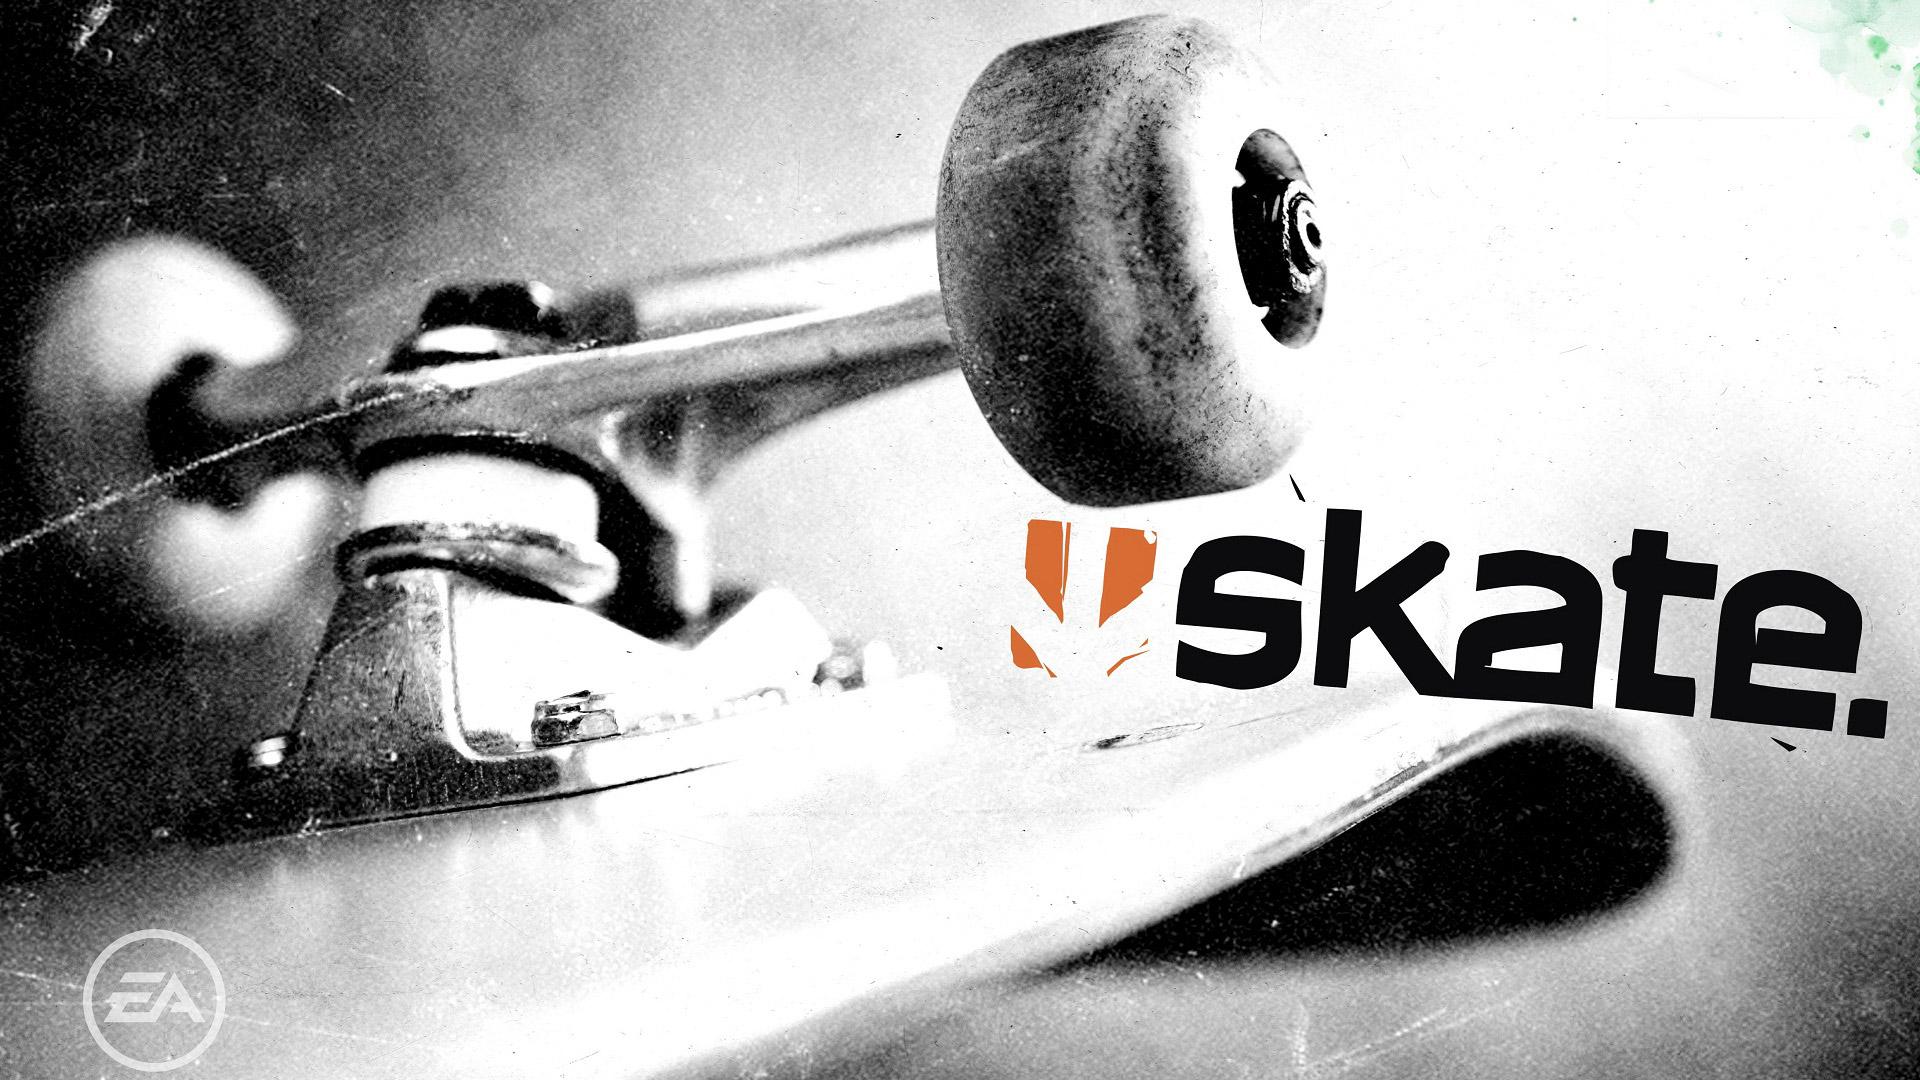 Skate Wallpaper in 1920x1080